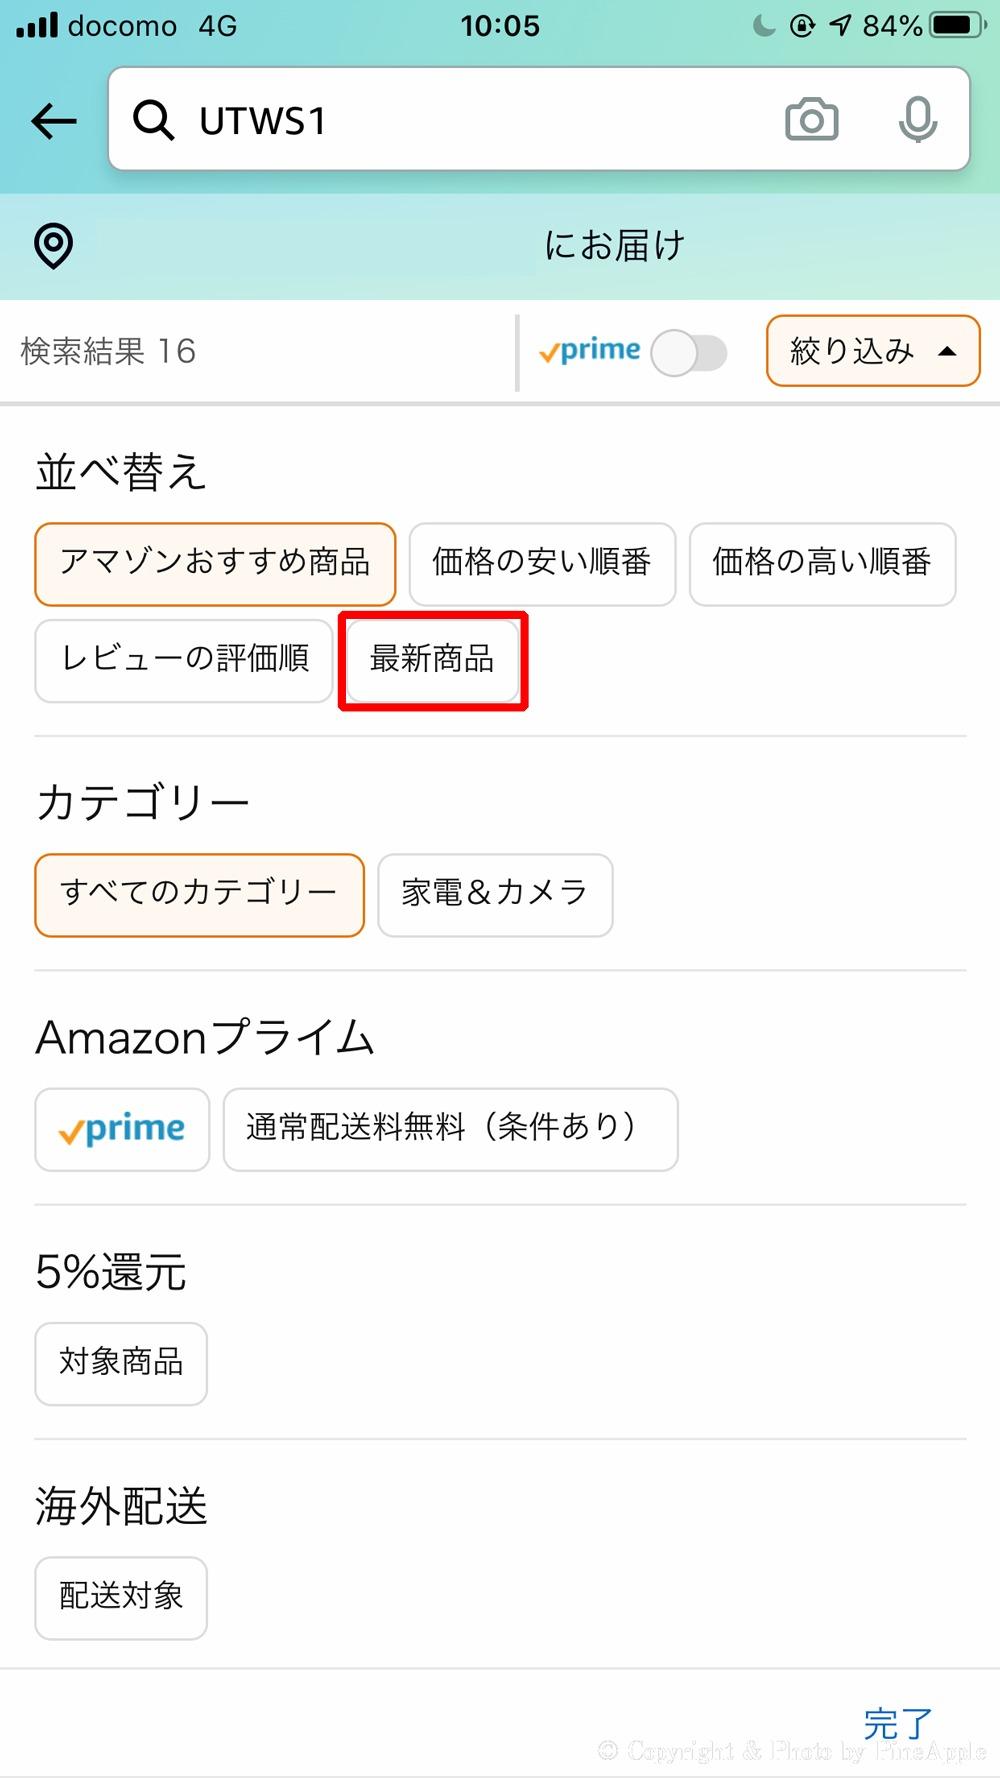 Amazon ショッピングアプリ:「最新商品」をタップ